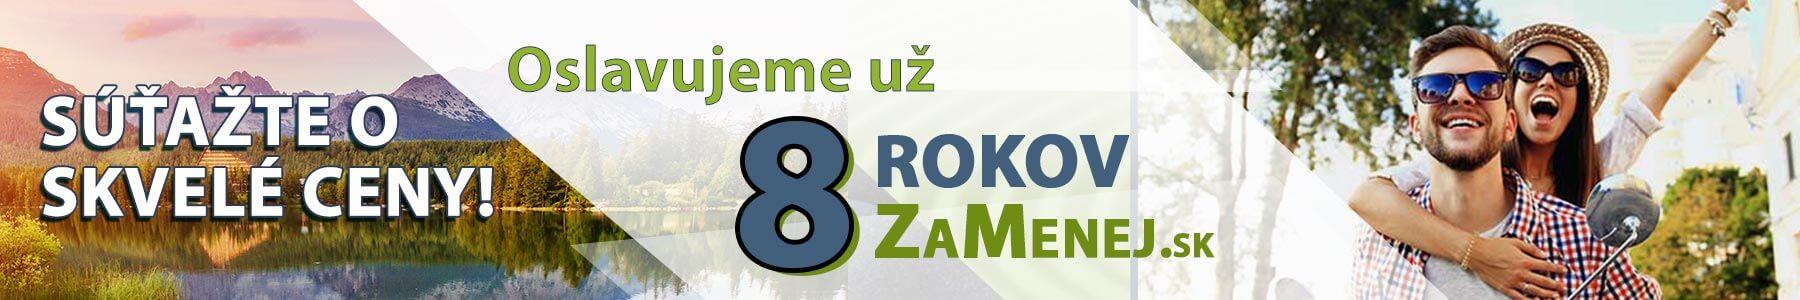 8. Veľká narodeninová súťaž ZaMenej.sk